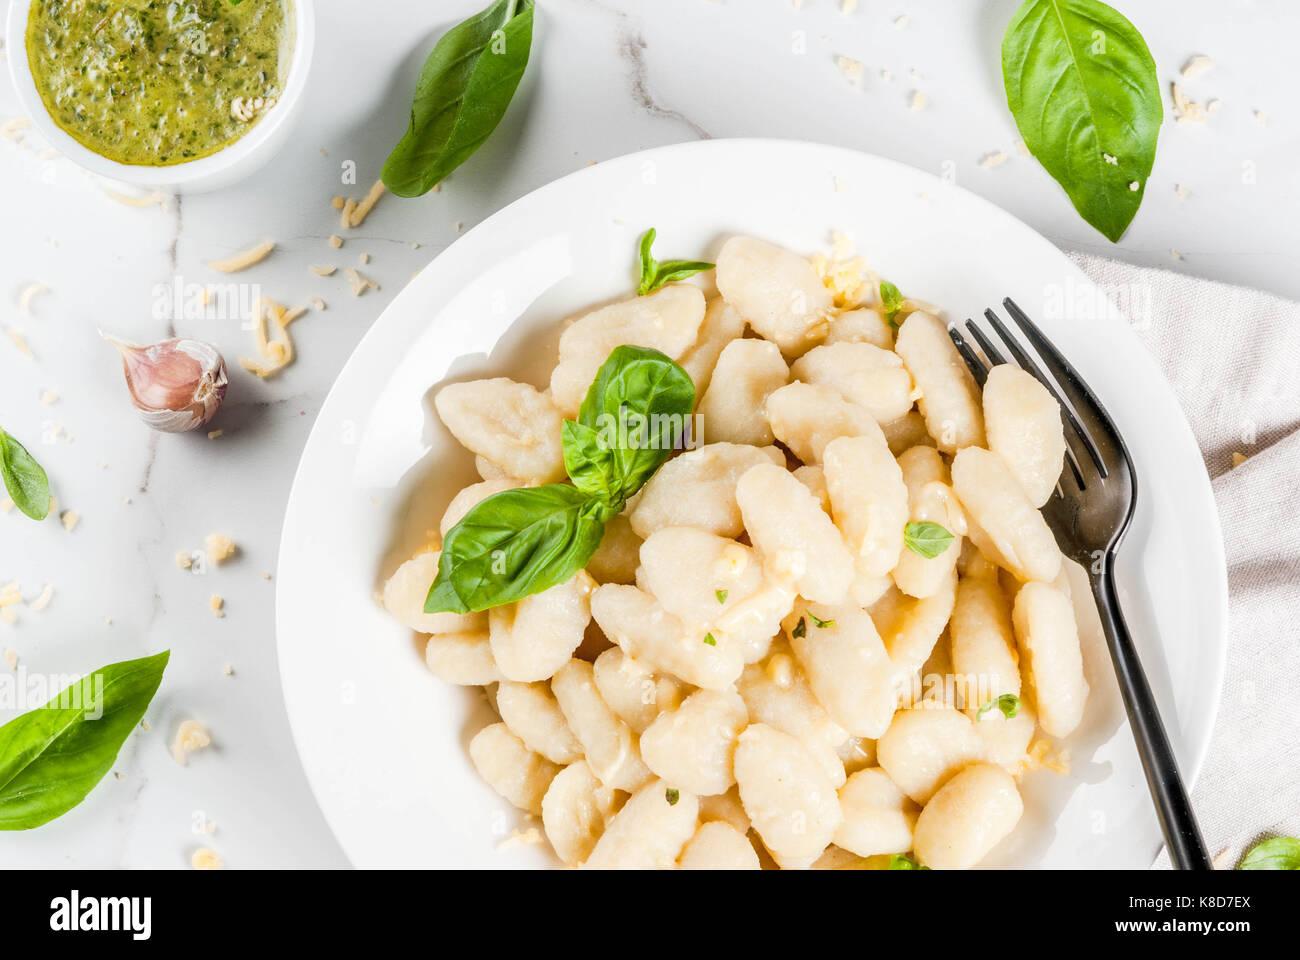 Recetas de comida italiana, Healthy vegan cena con los ñoquis de patata con queso parmesano rallado, la albahaca Imagen De Stock